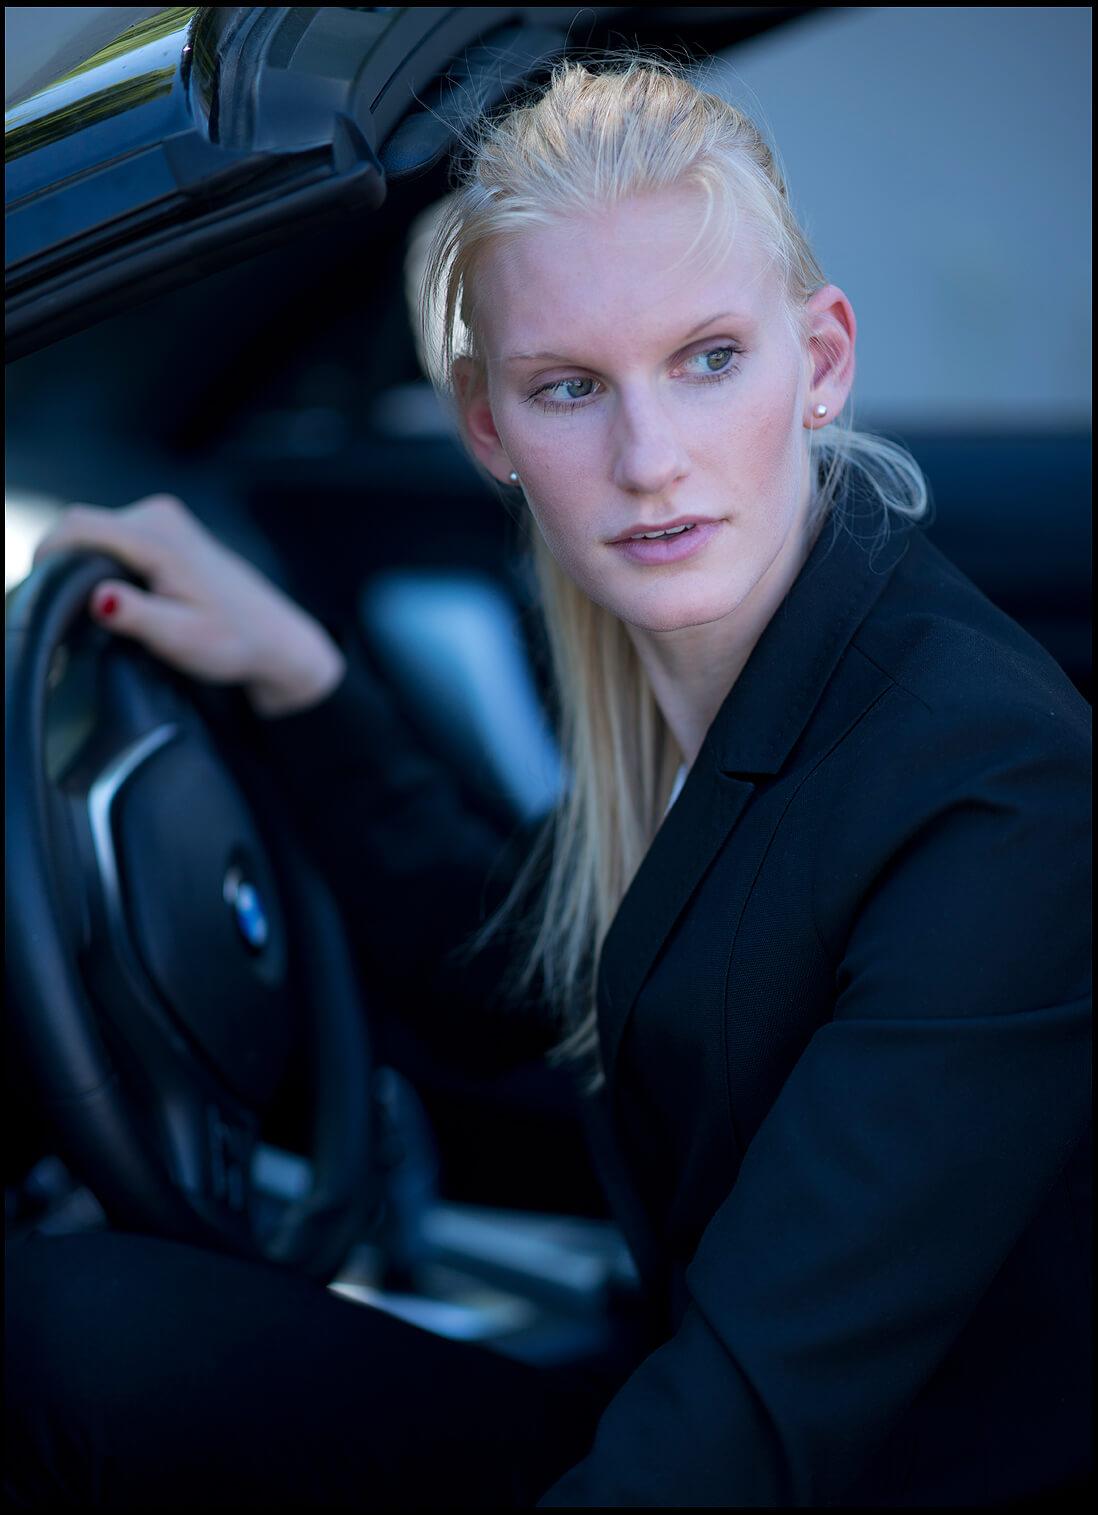 Businessfotografie Businessportrait Junge Frau Sexy sitzend im Auto